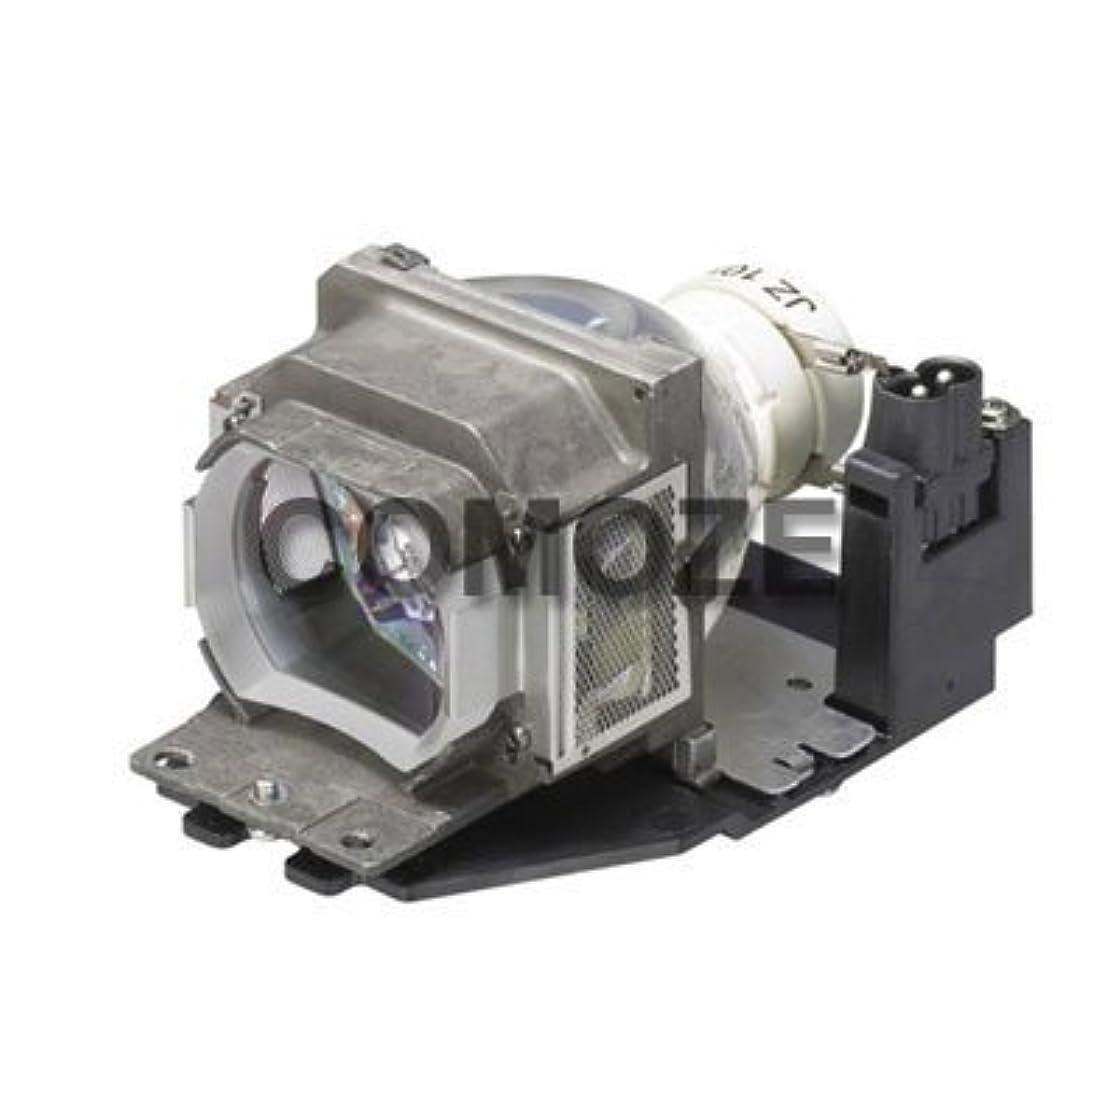 シーケンス大胆な比較的Comoze ランプ ソニー vpl-bw7 プロジェクター用 ハウジング付き